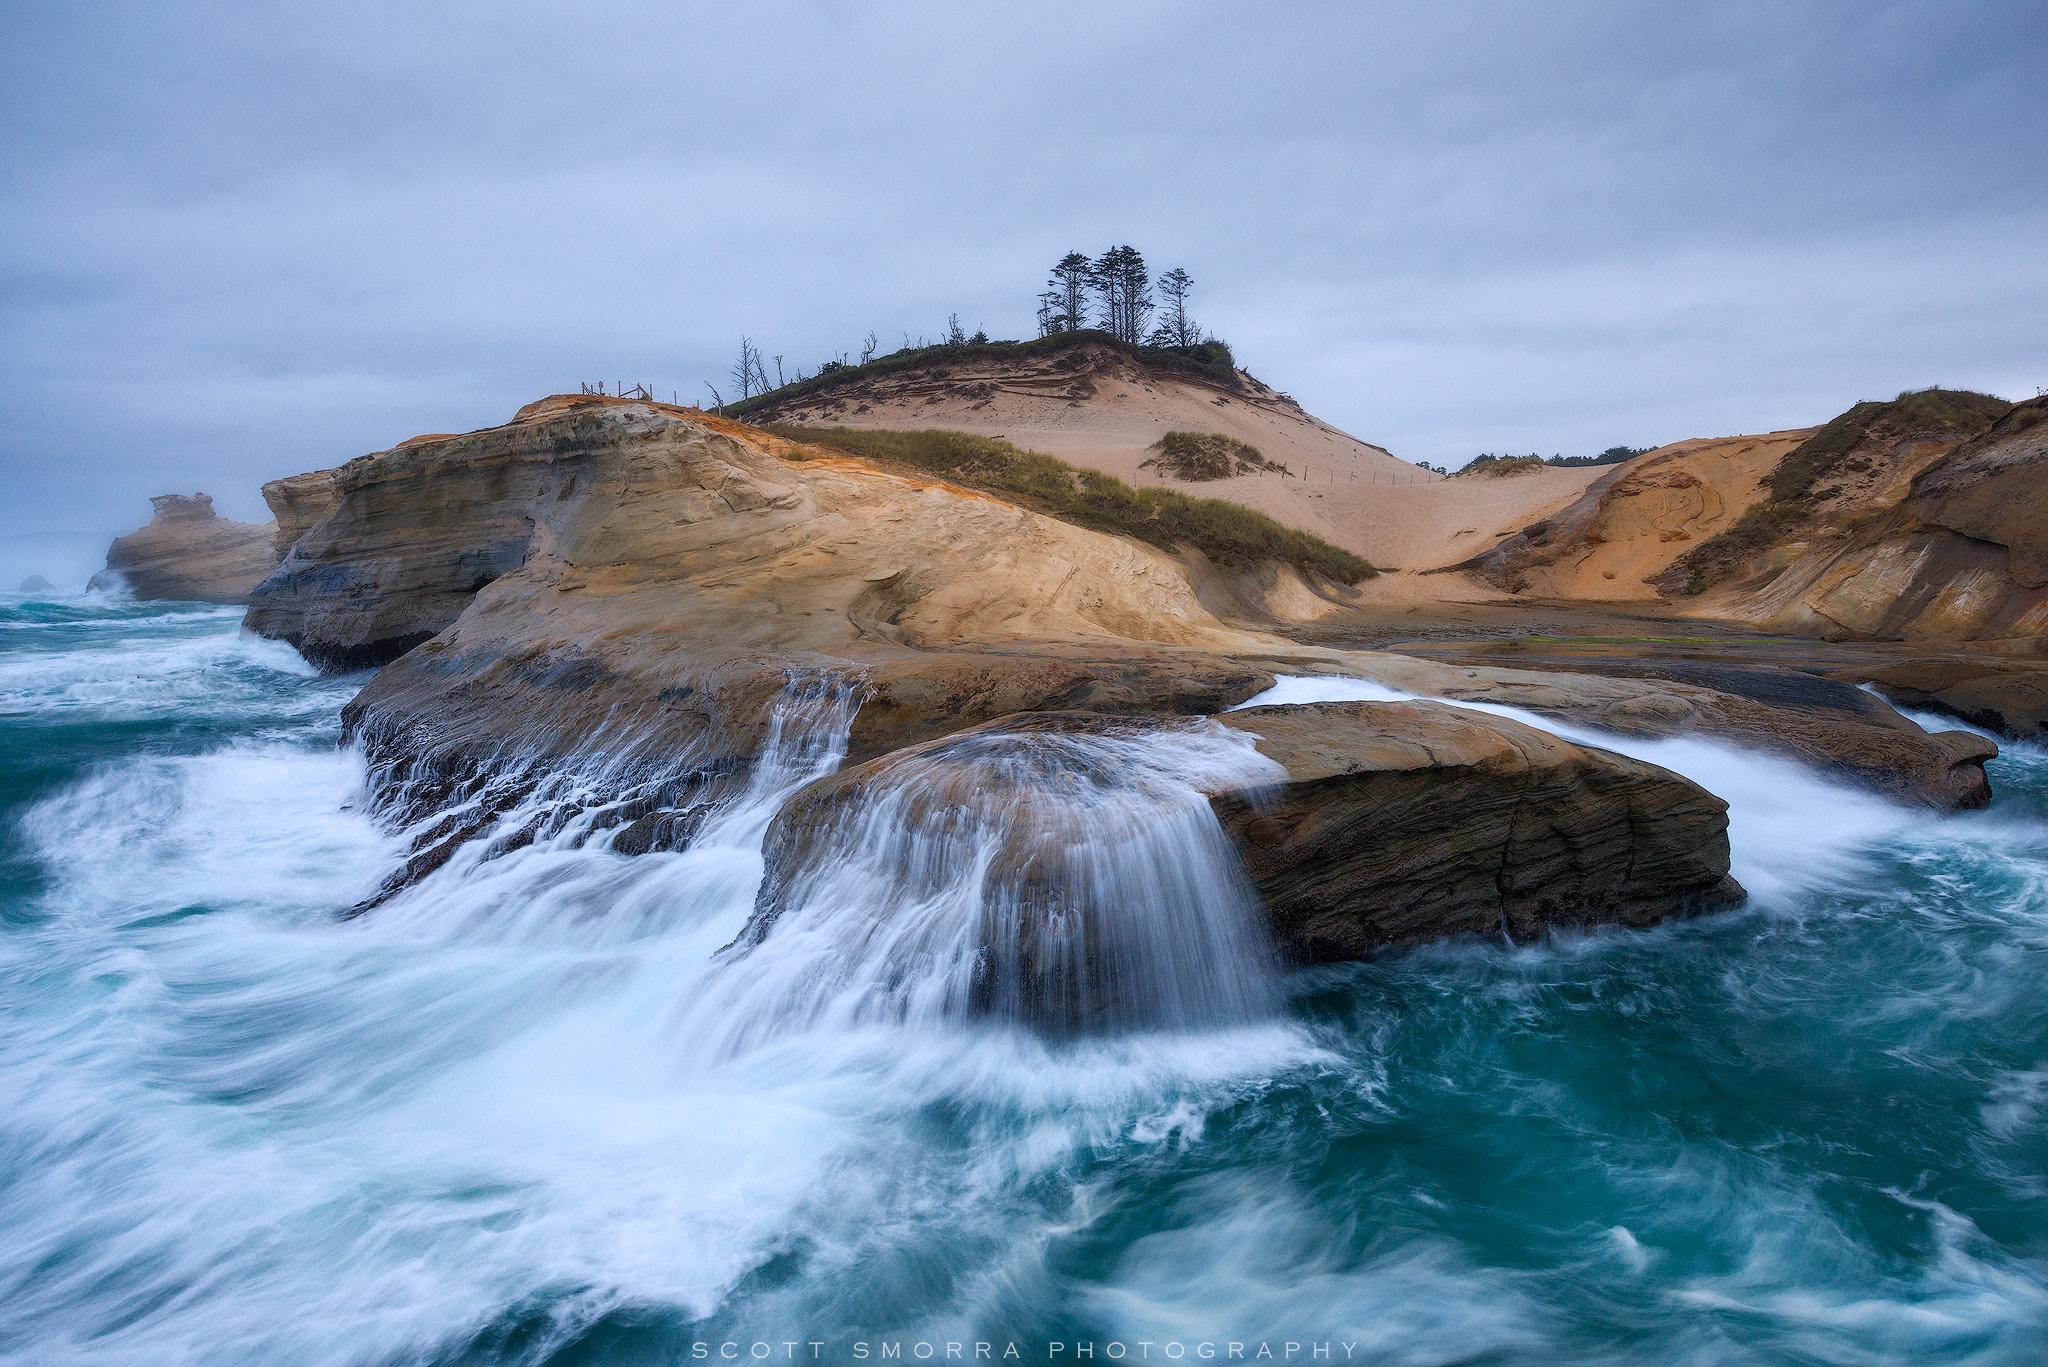 Oregon, Coast, Cape Kiwanda, ocean, wave, sandstone, photo